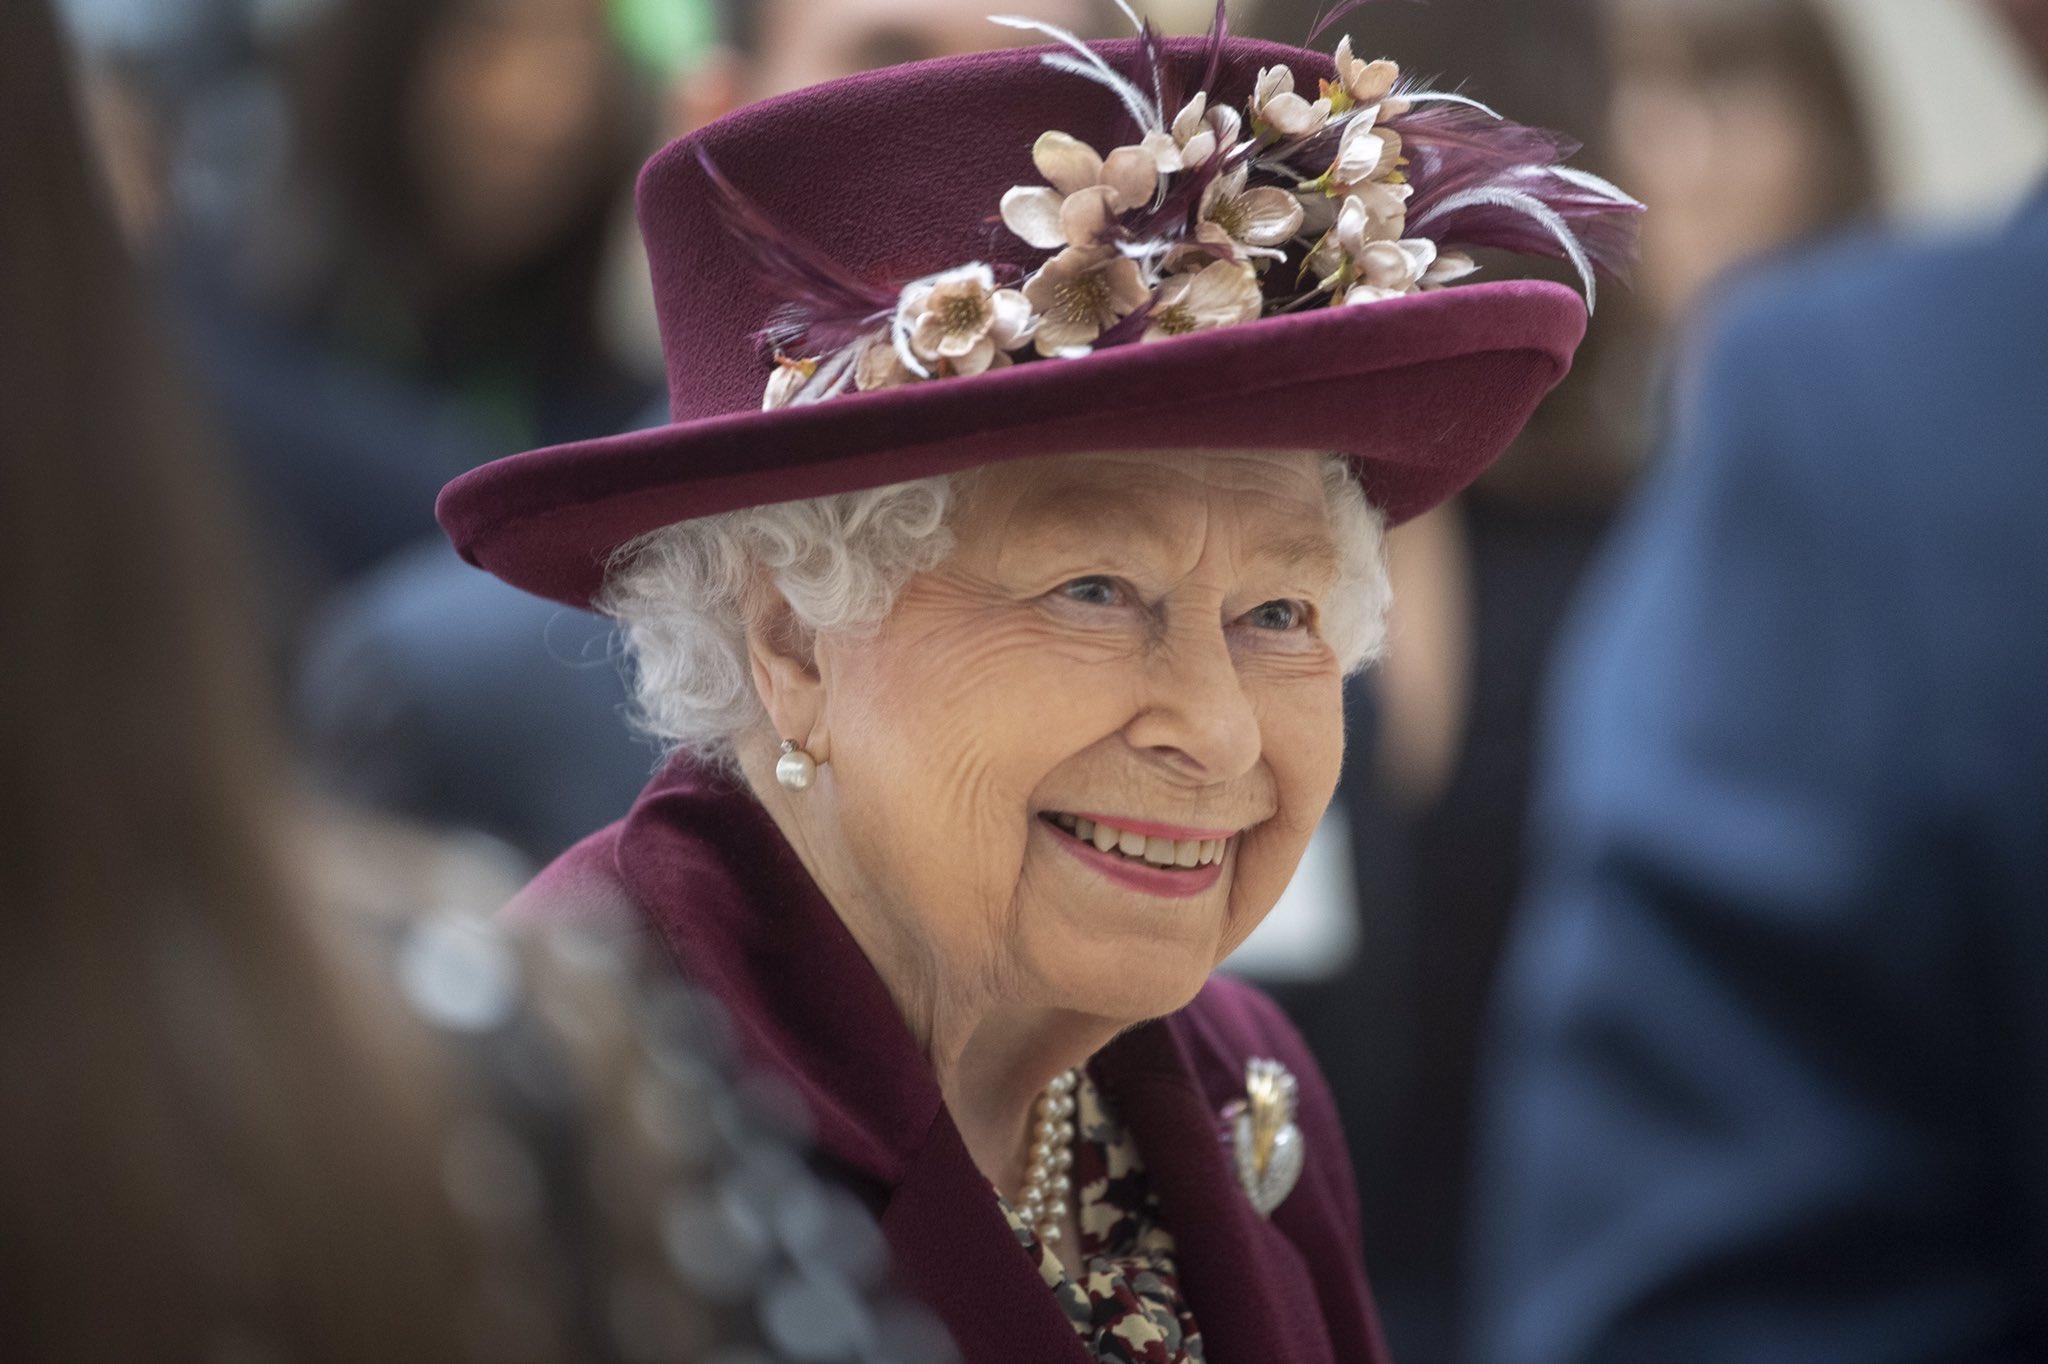 Gestul făcut de Regina Elisabeta a II-a, la 2 săptămâni după decesul prințului Philip. Foto